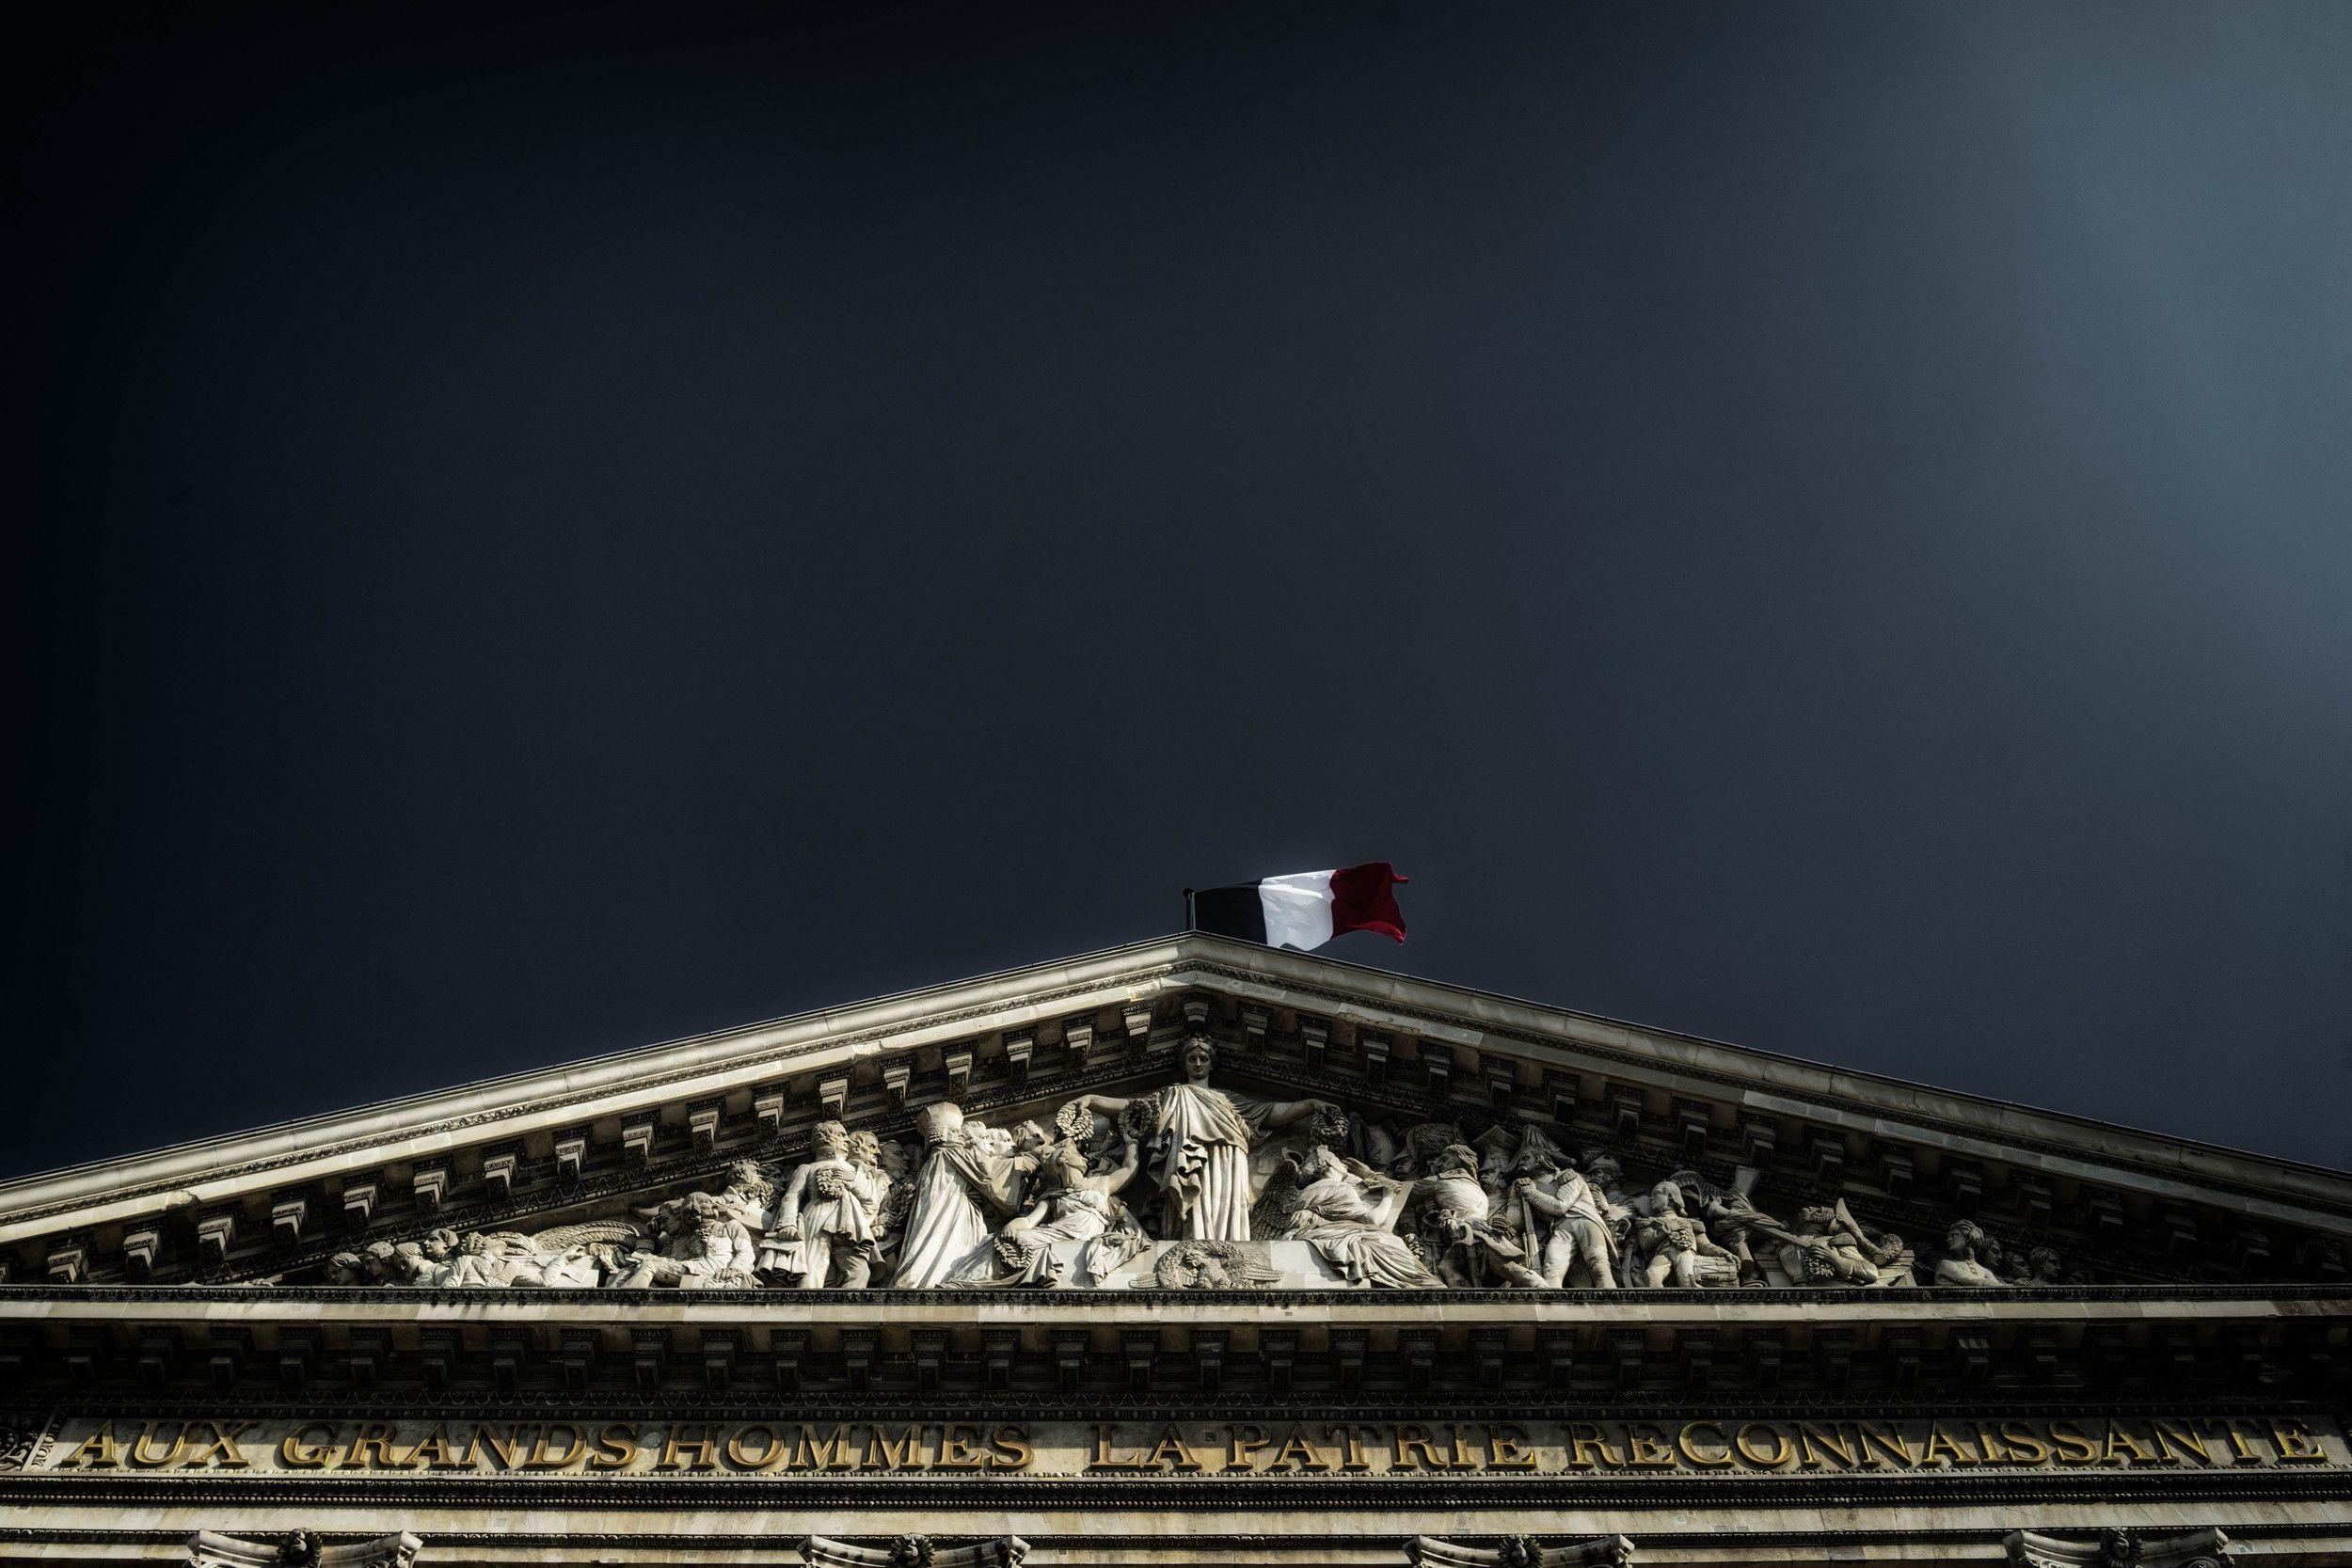 """Fronton und Relief des Panthéon mit der Inschrift """"Seinen großen Menschen das dankbare Vaterland"""""""